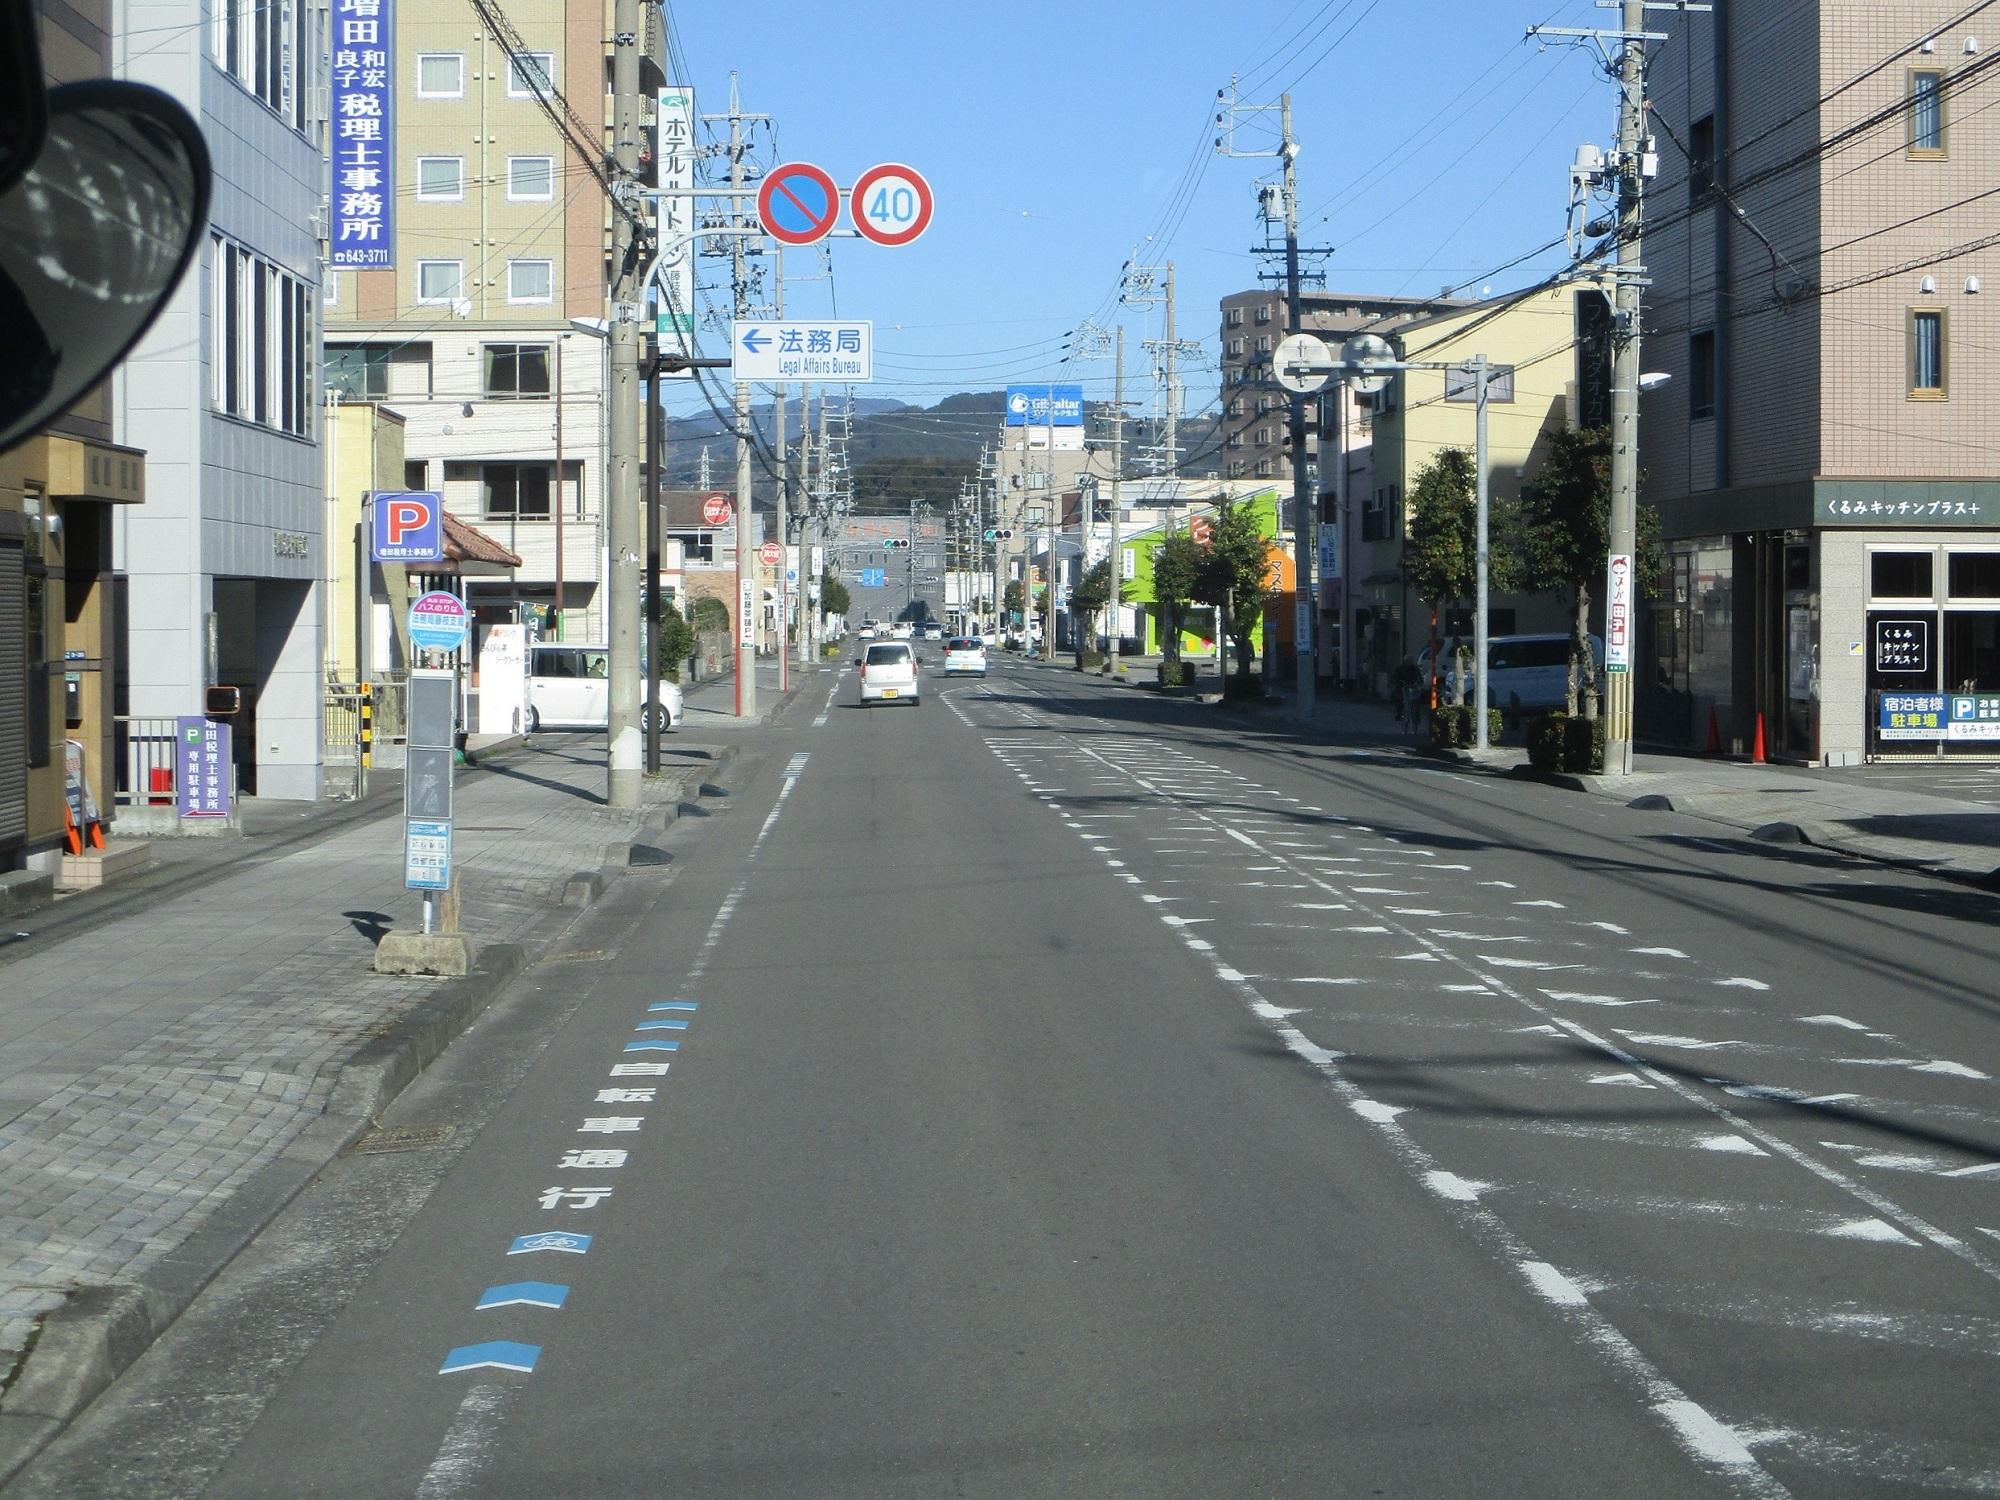 2020.1.21 (55) 新静岡バスターミナルいきバス - 法務局藤枝支局バス停 2000-1500